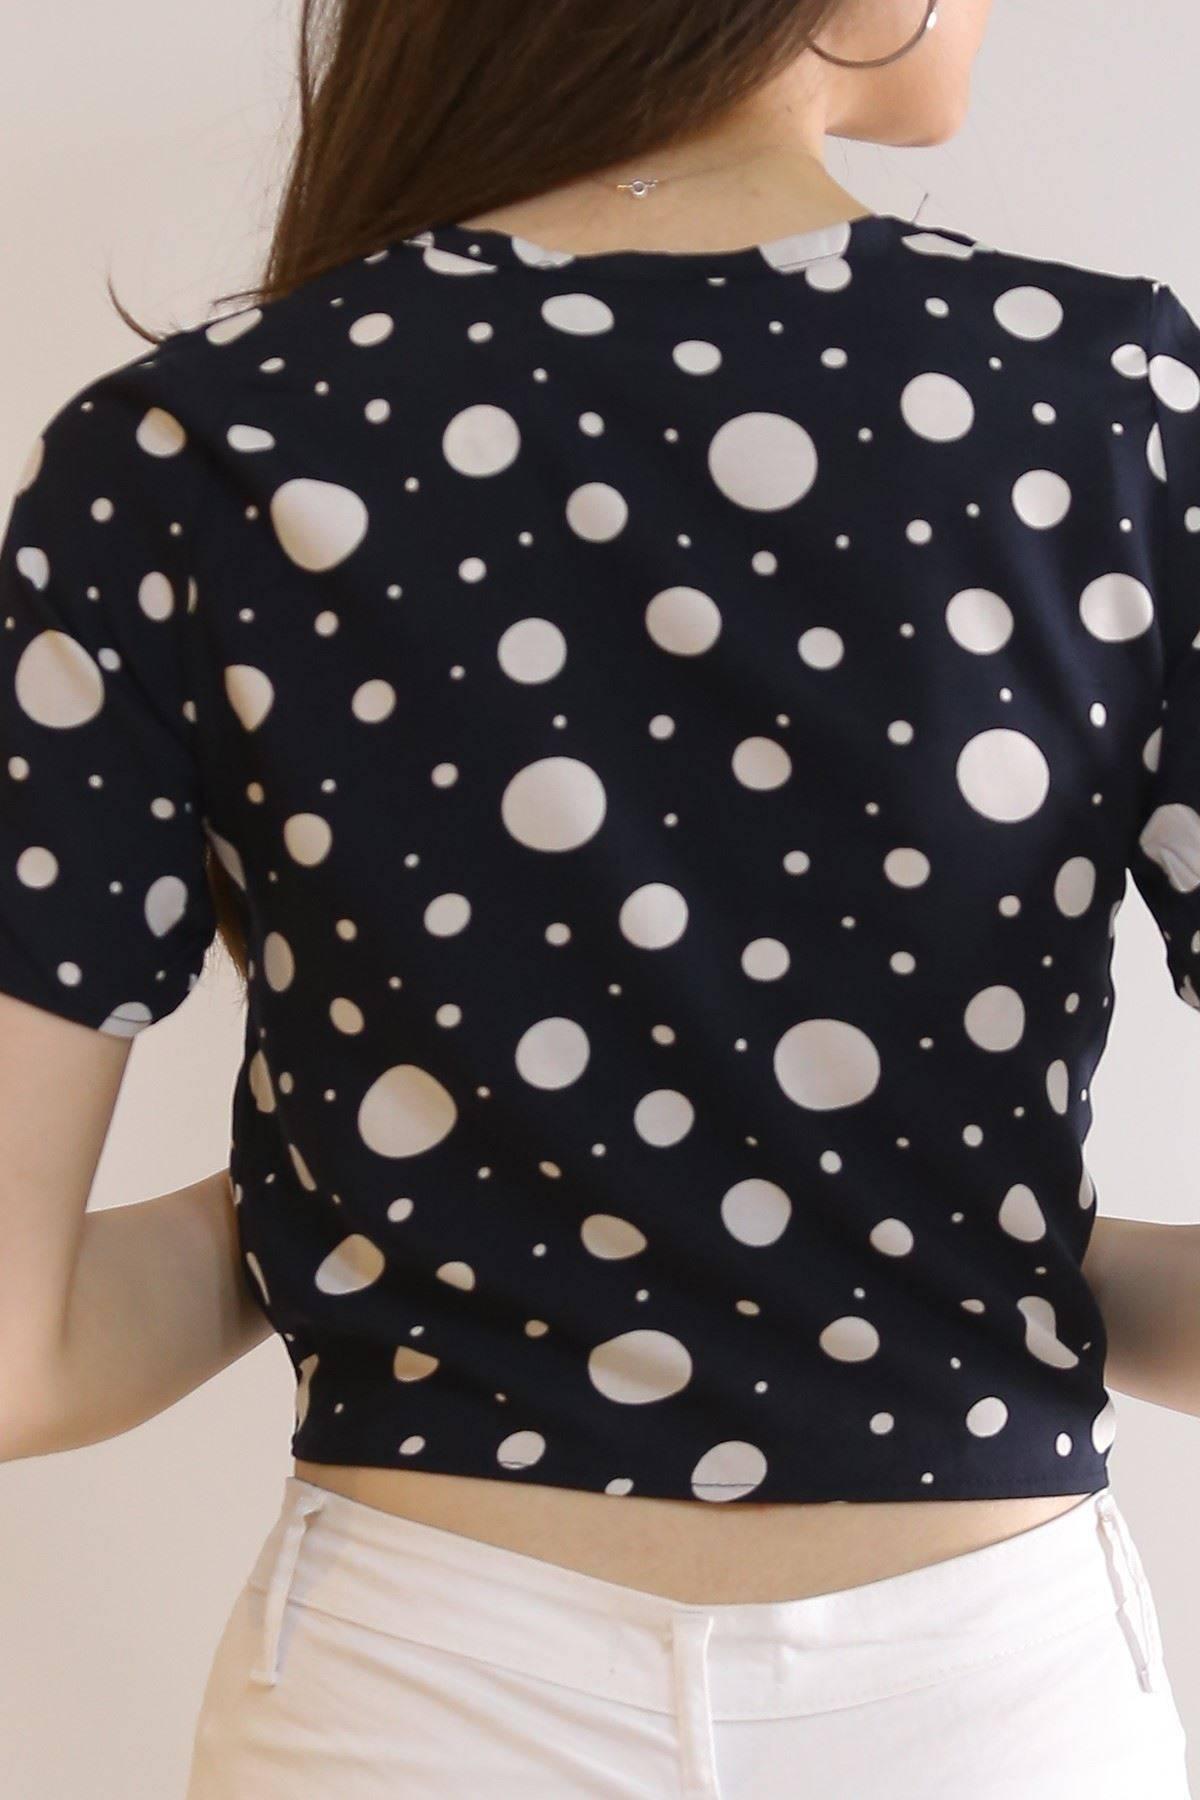 Altı Bağlamalı Bluz Lacipuanlı - 5835.1153.